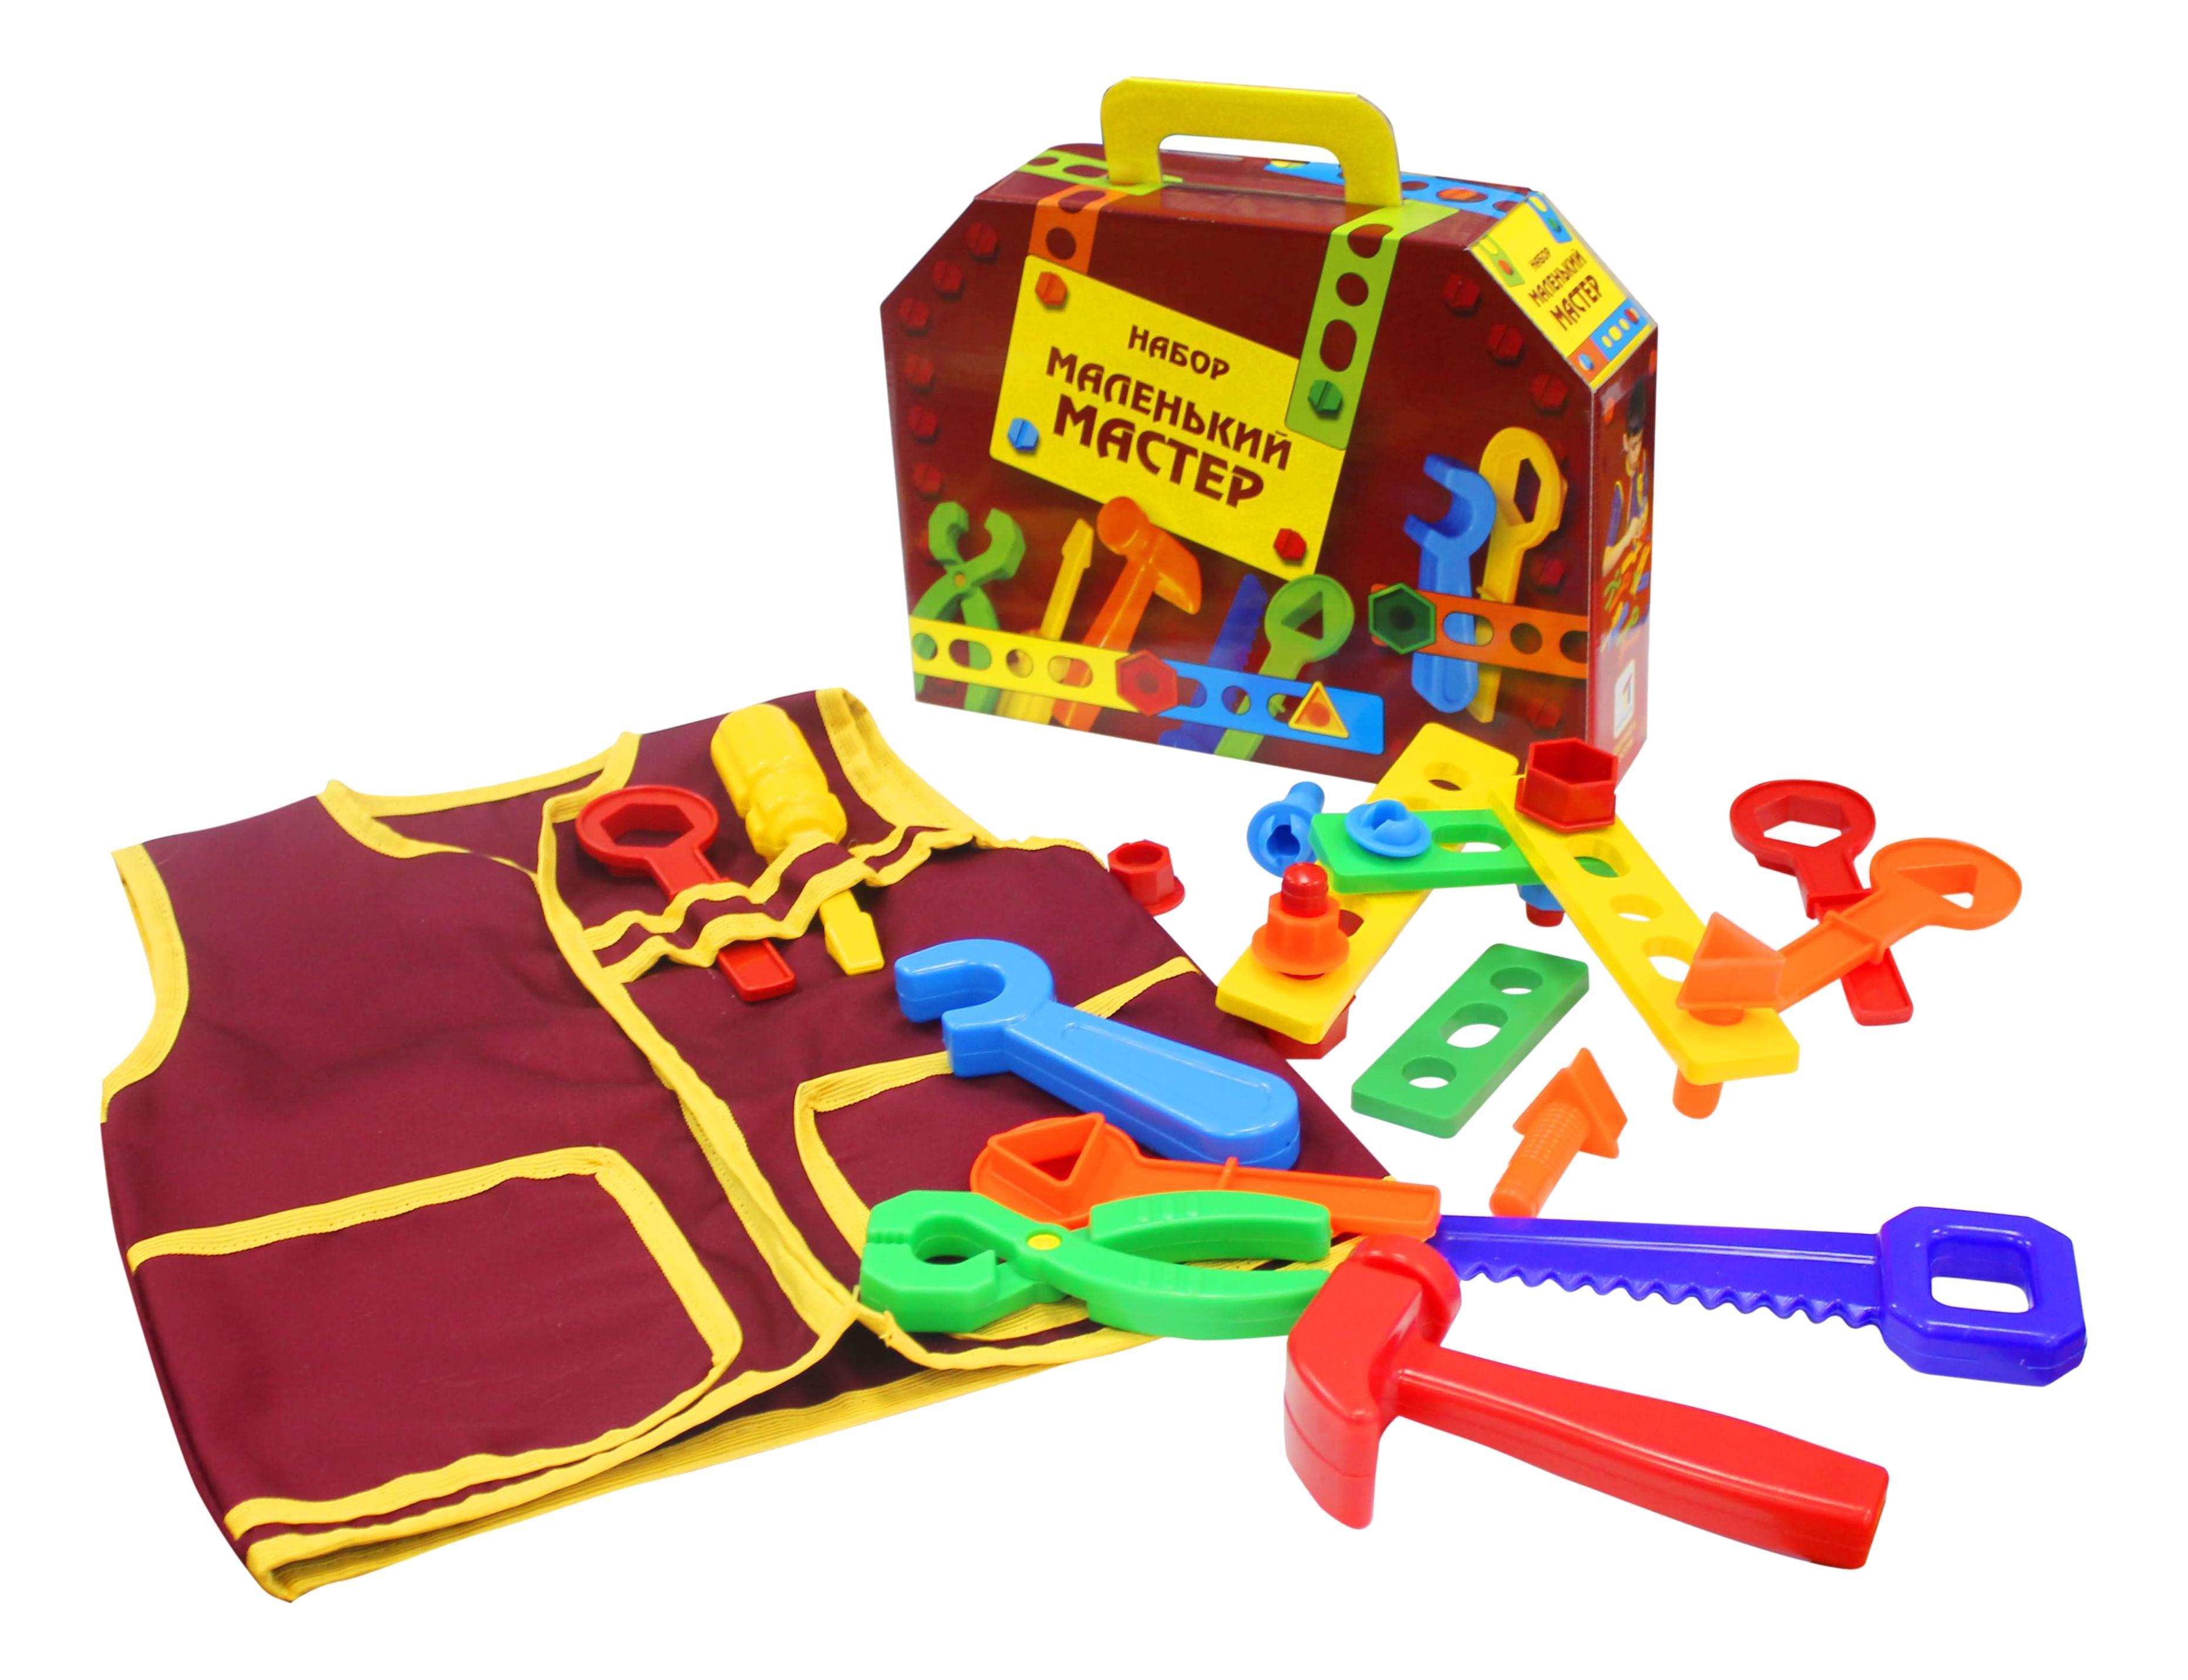 Плэйдорадо Набор инструментов маленький мастер Плэйдорадо 22148 фото